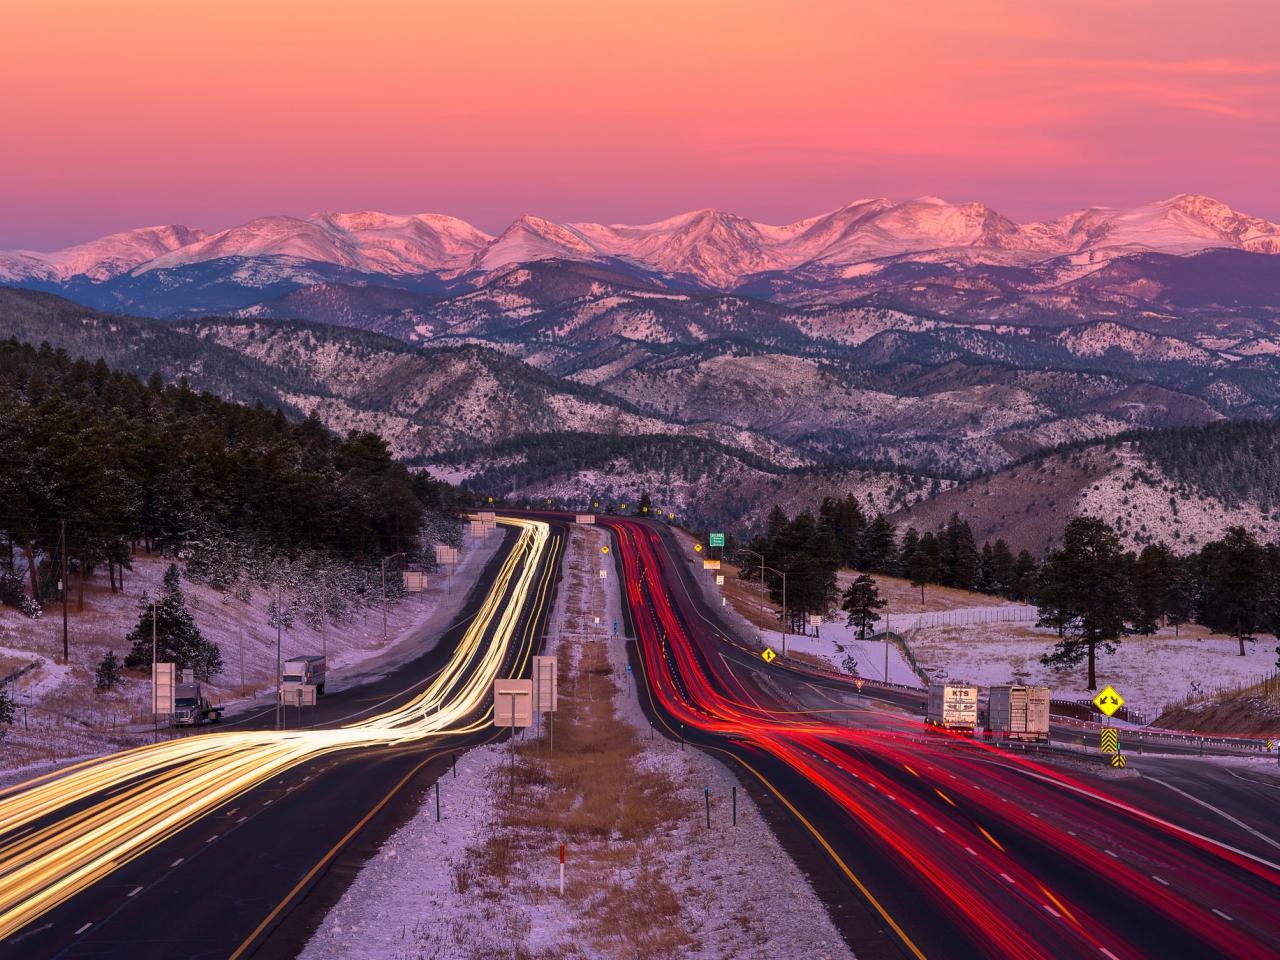 Una bella fotografía en una carretera - 1280x960